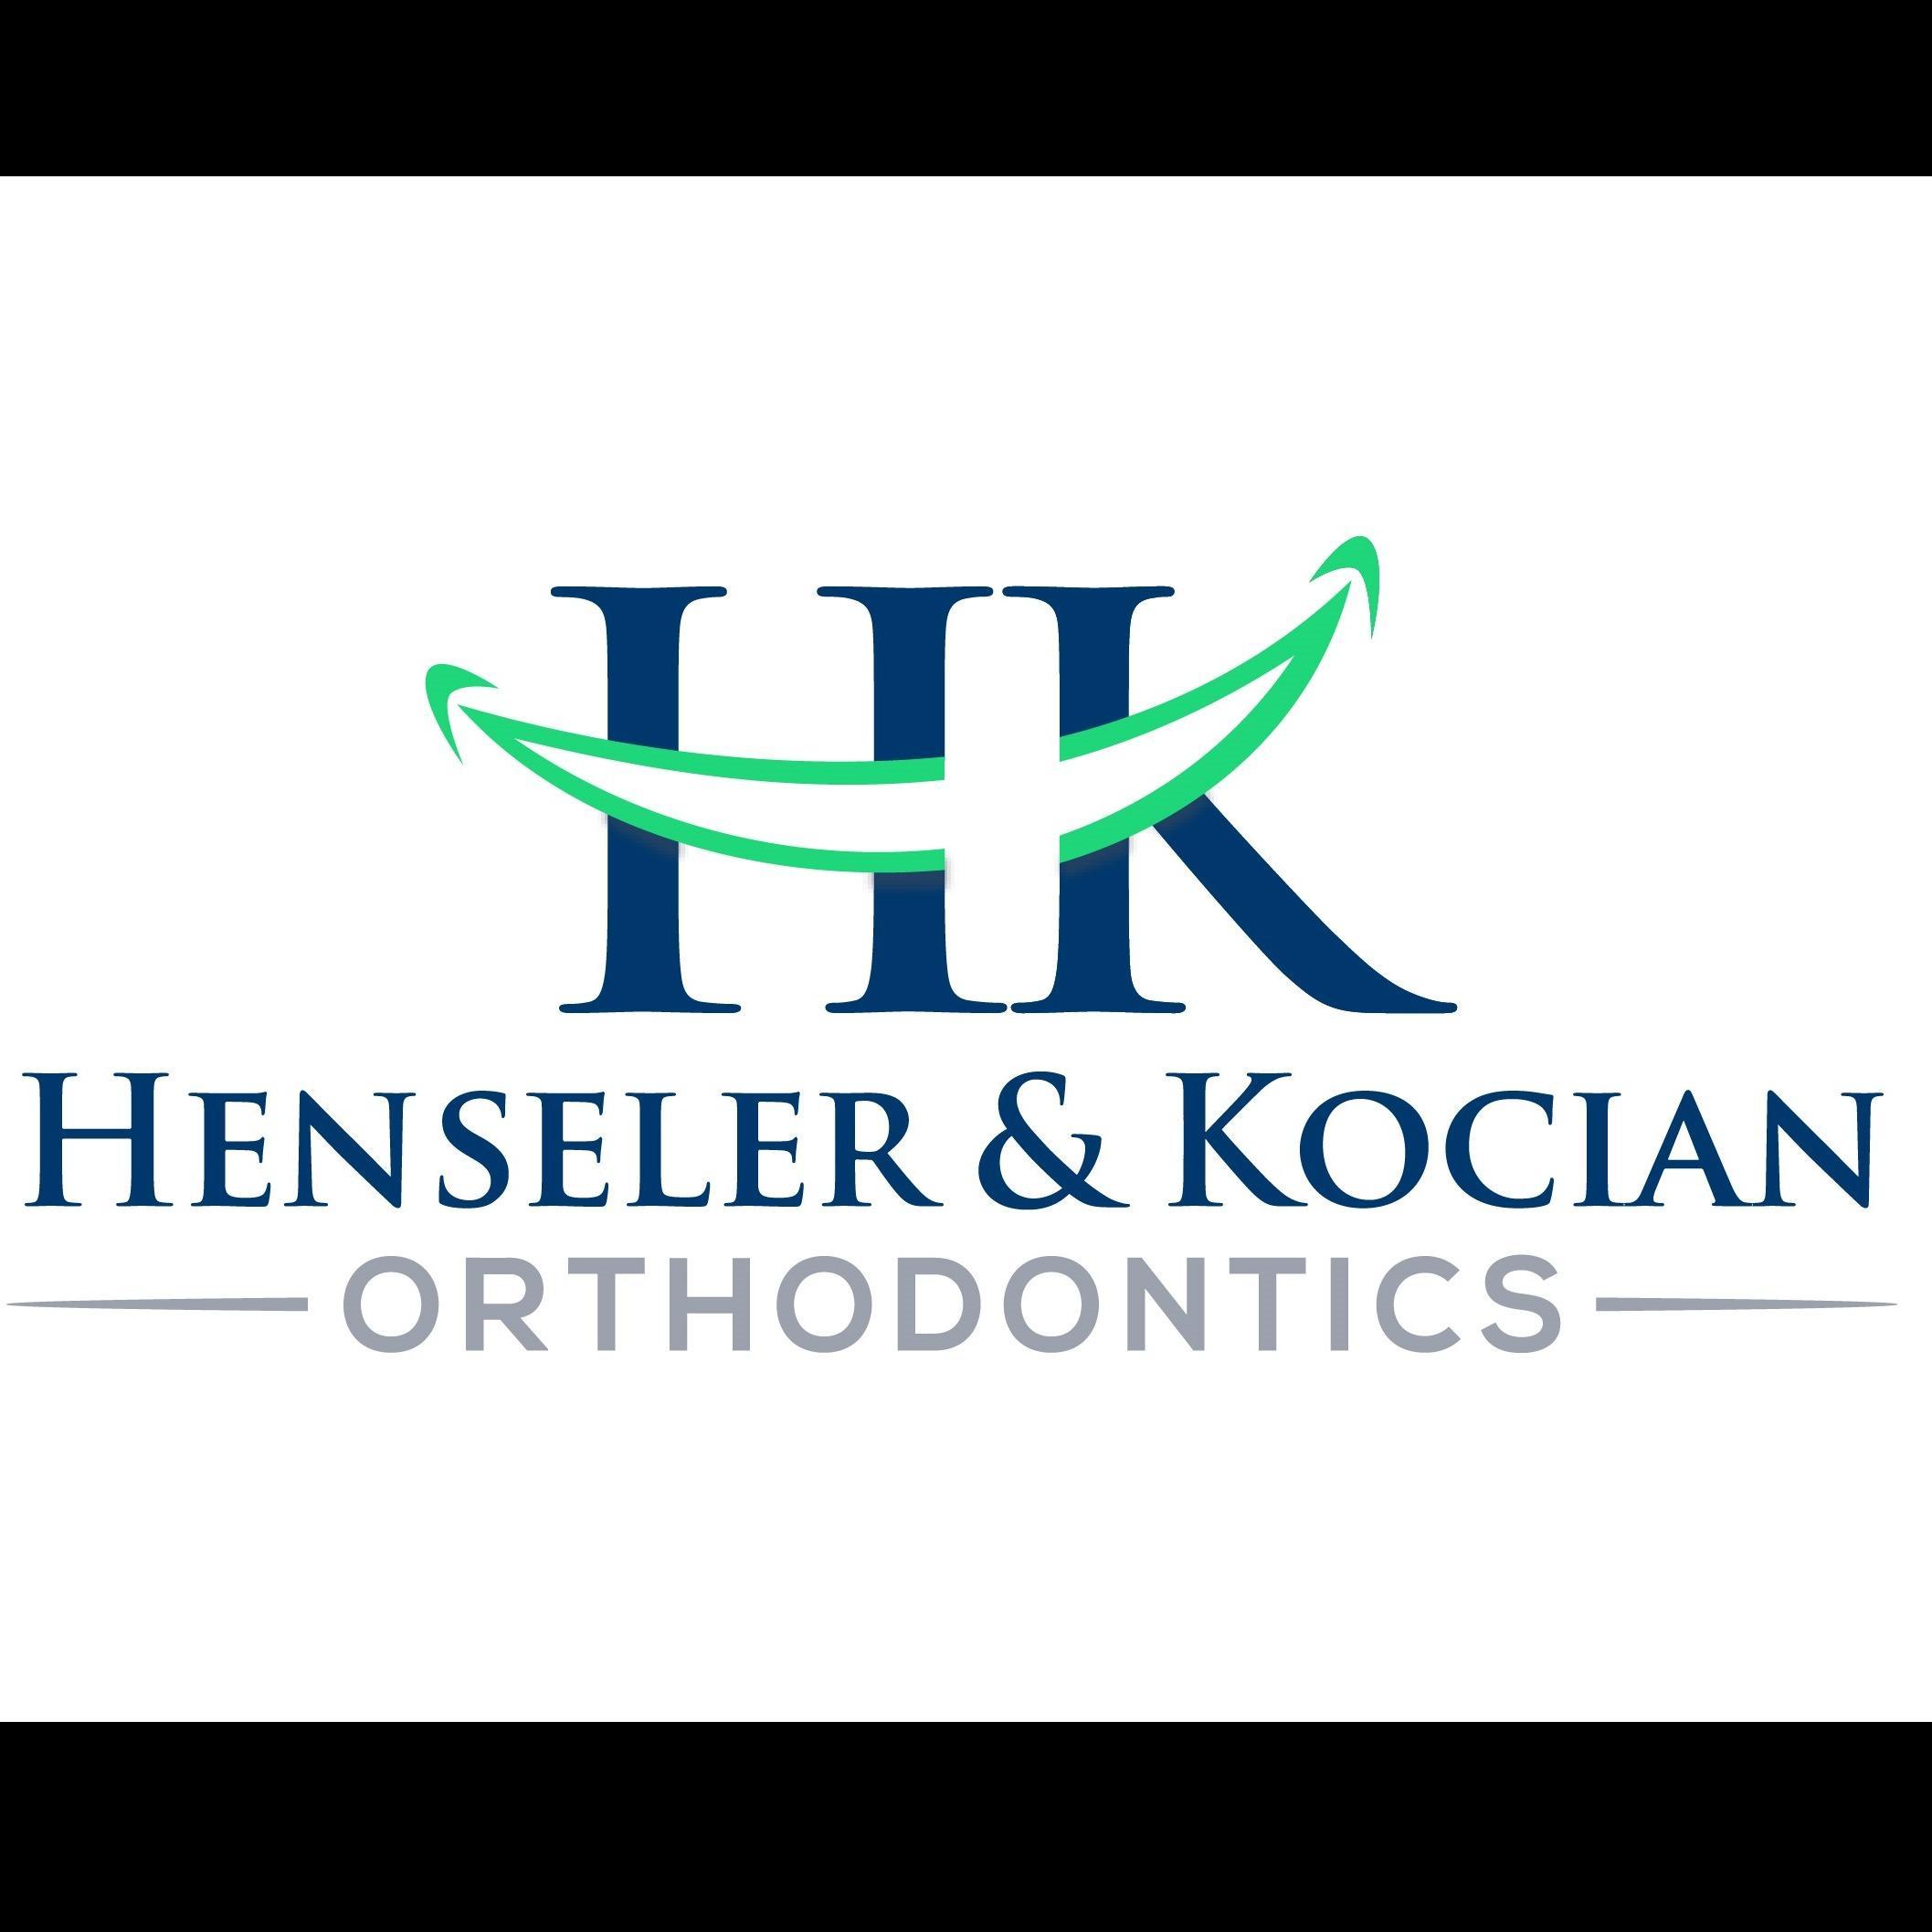 Henseler & Kocian Orthodontics